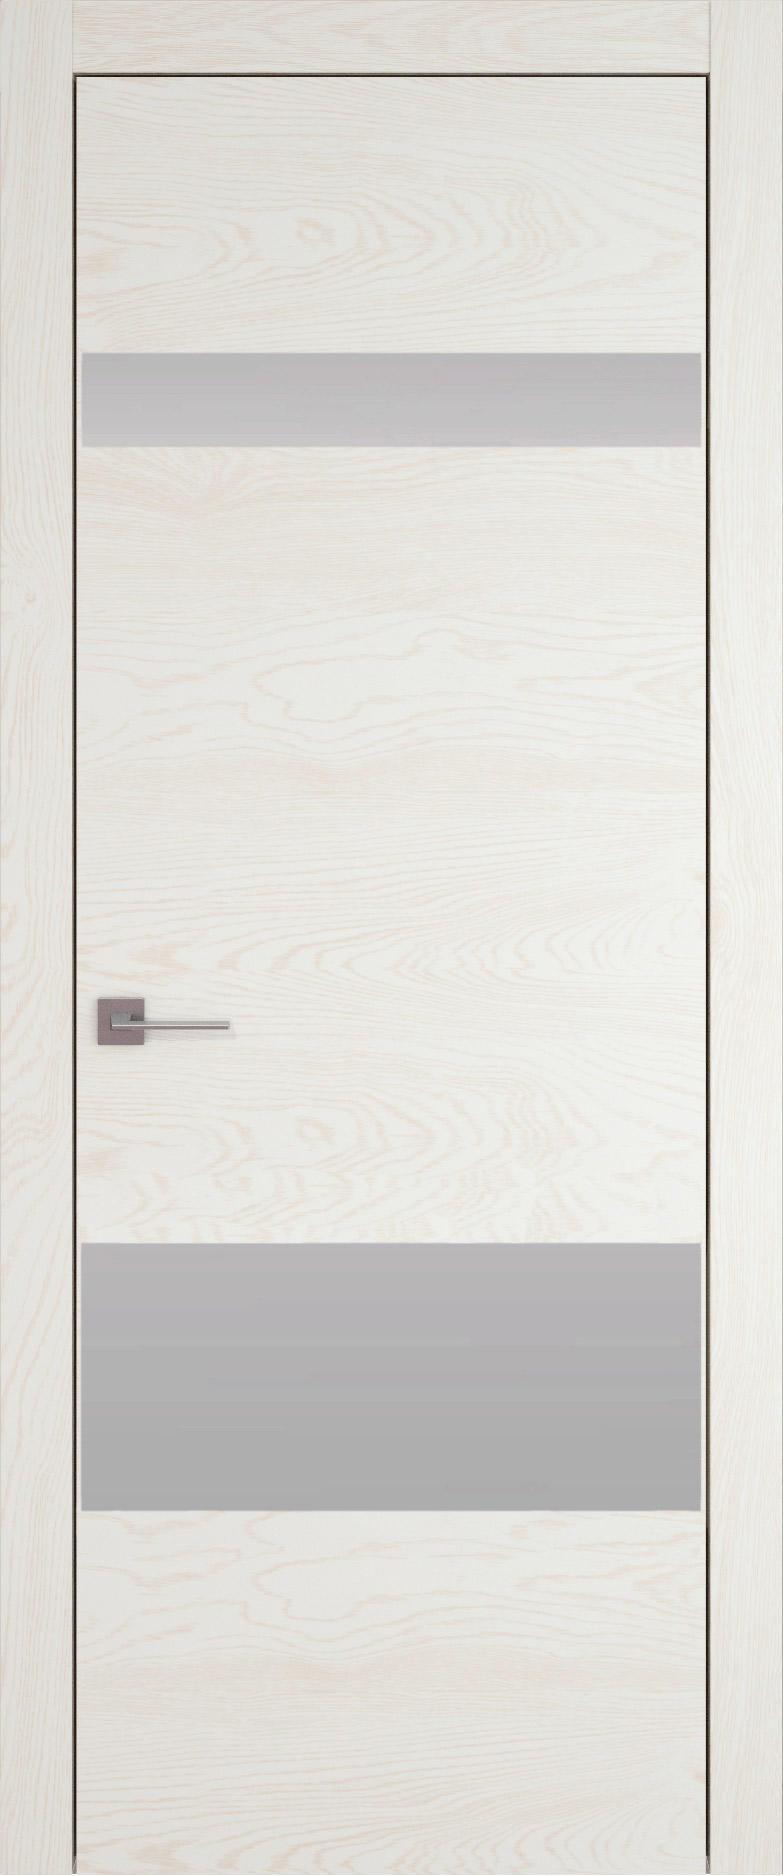 Tivoli К-4 цвет - Белый ясень (nano-flex) Без стекла (ДГ)